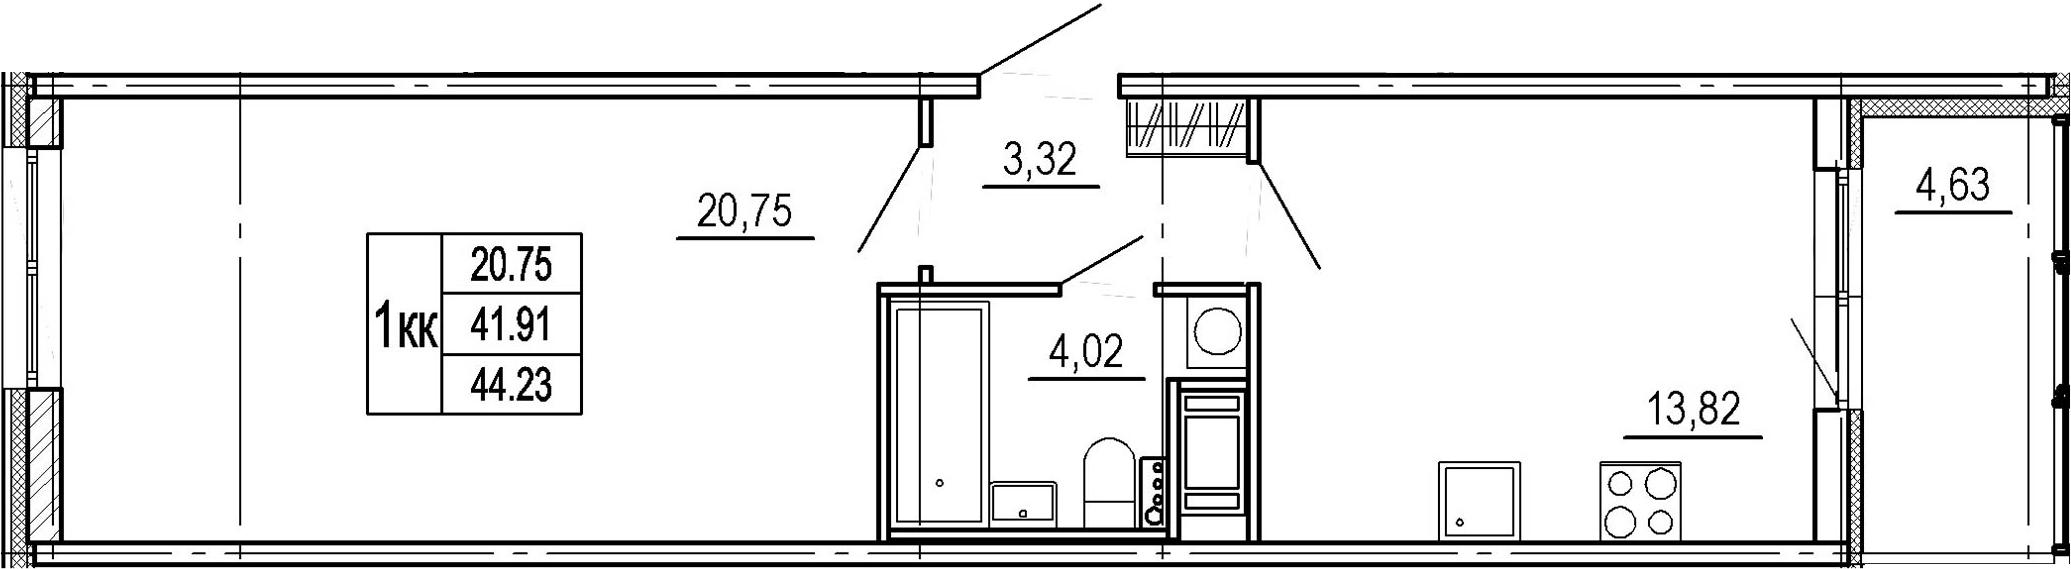 1-к.кв, 41.91 м²